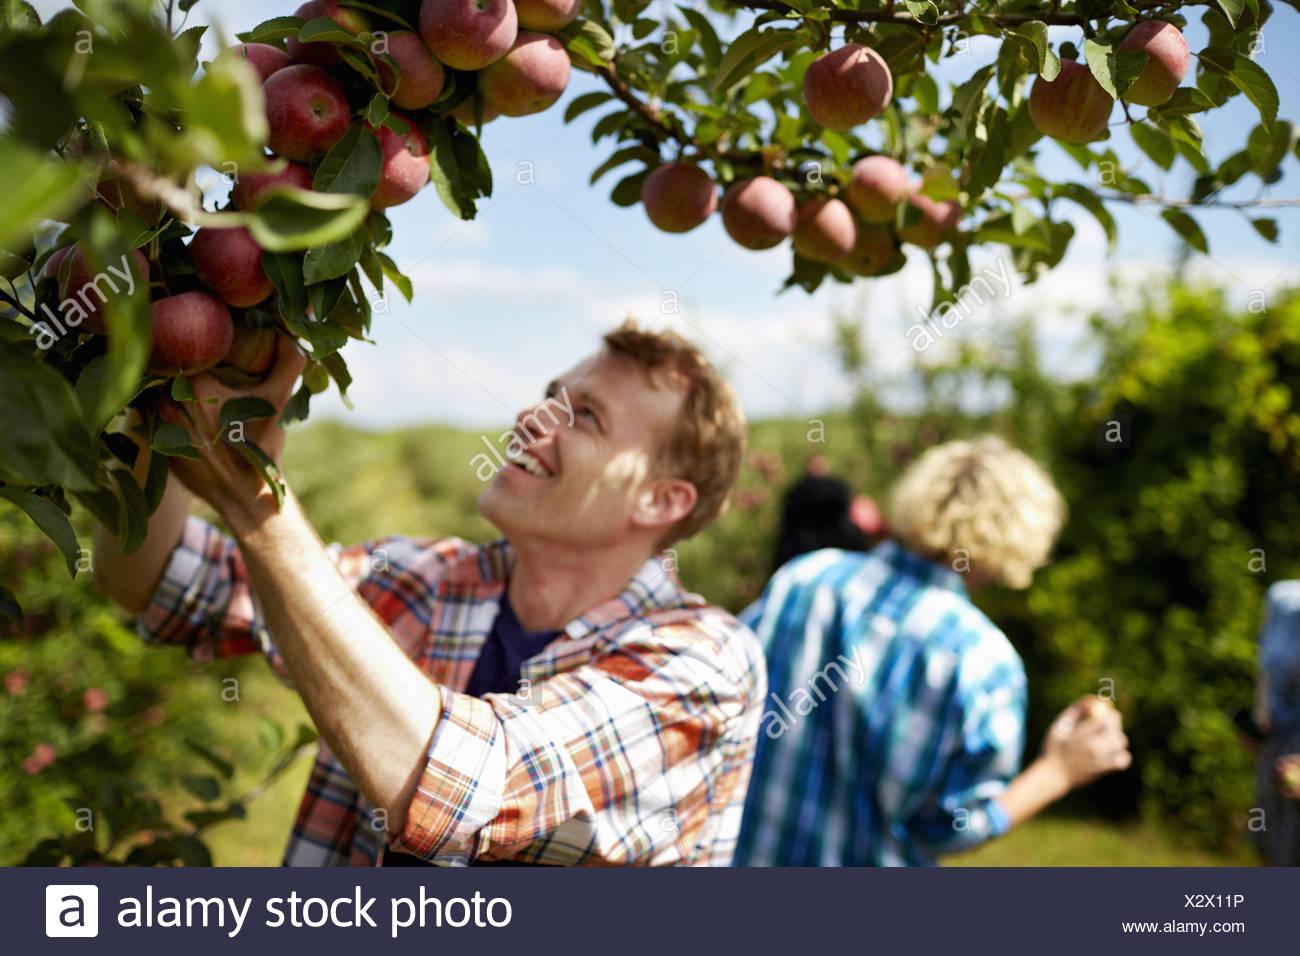 Lignes d'arbres fruitiers dans un verger bio d'un groupe de personnes choisir les pommes mûres Photo Stock